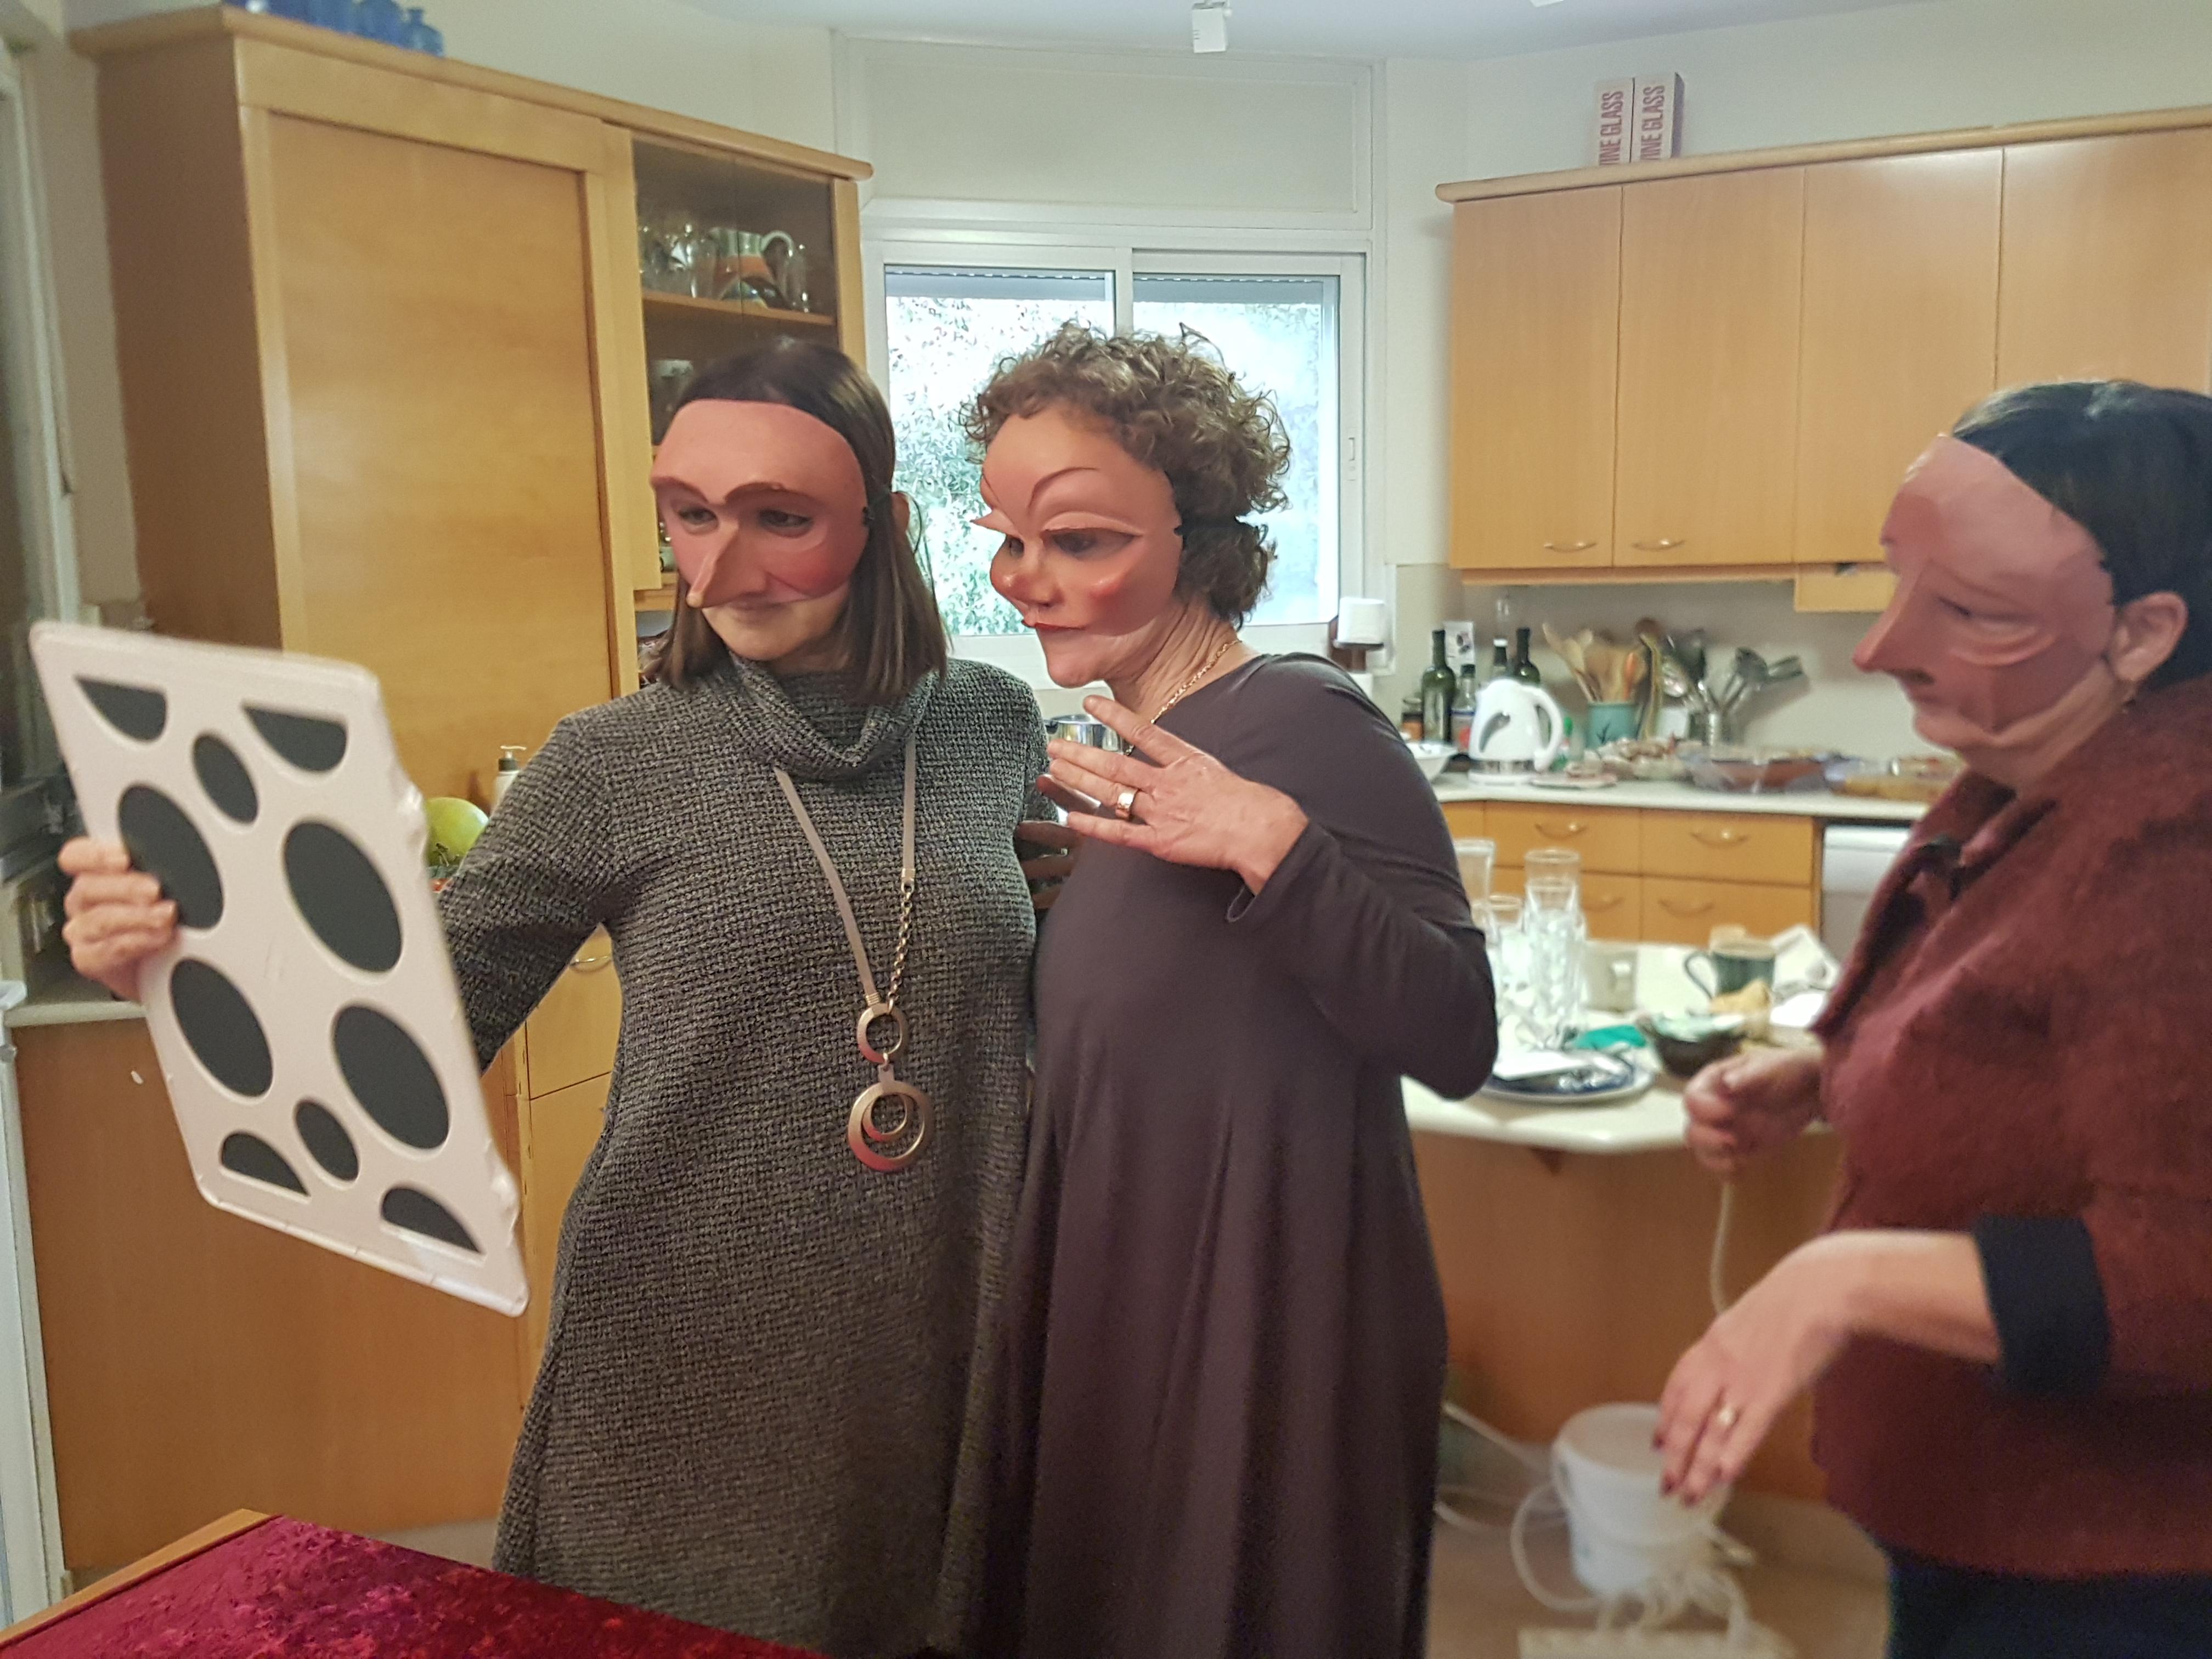 נשים חובשות מסכות קומדיה דל'ארטה ומביטות במראה, לפני משחק תפקידים בביום הולדת- מתוך האתר של דליה סגל, מנחת קבוצות